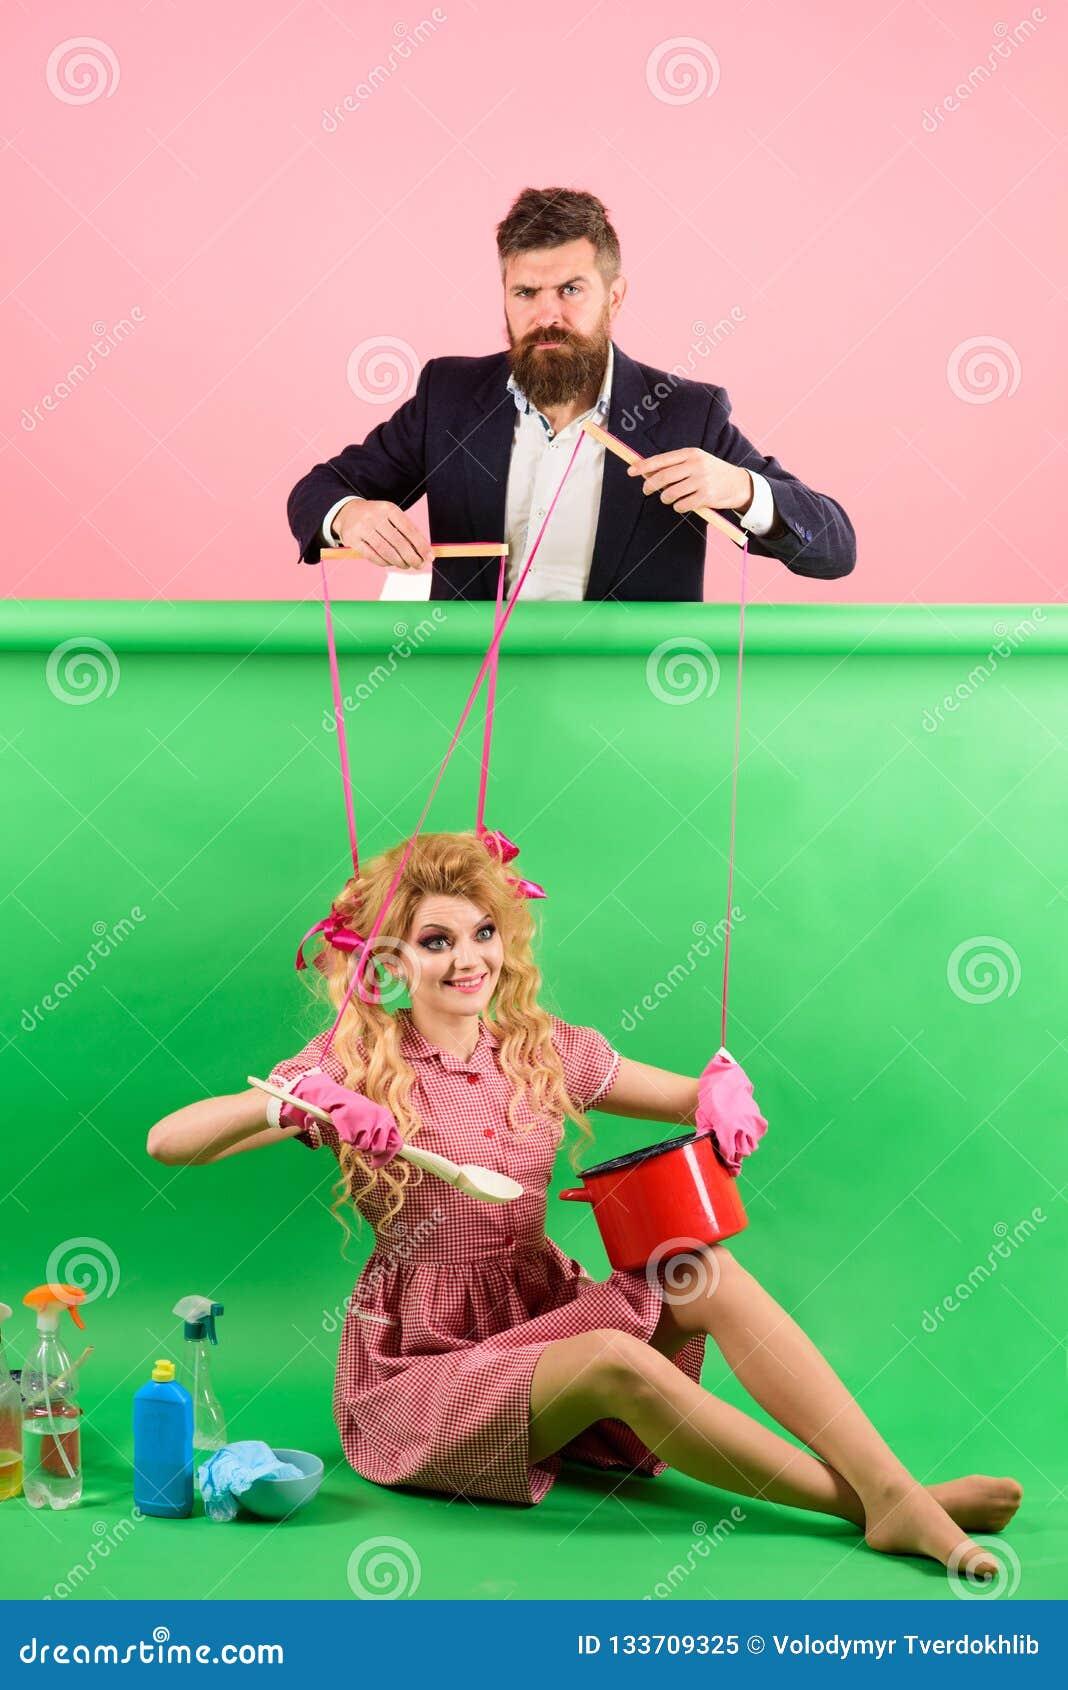 99881f7d8e2 Femme au foyer Tellement amusement idée créatrice Amour femmes marionnette  et homme de mode de cru